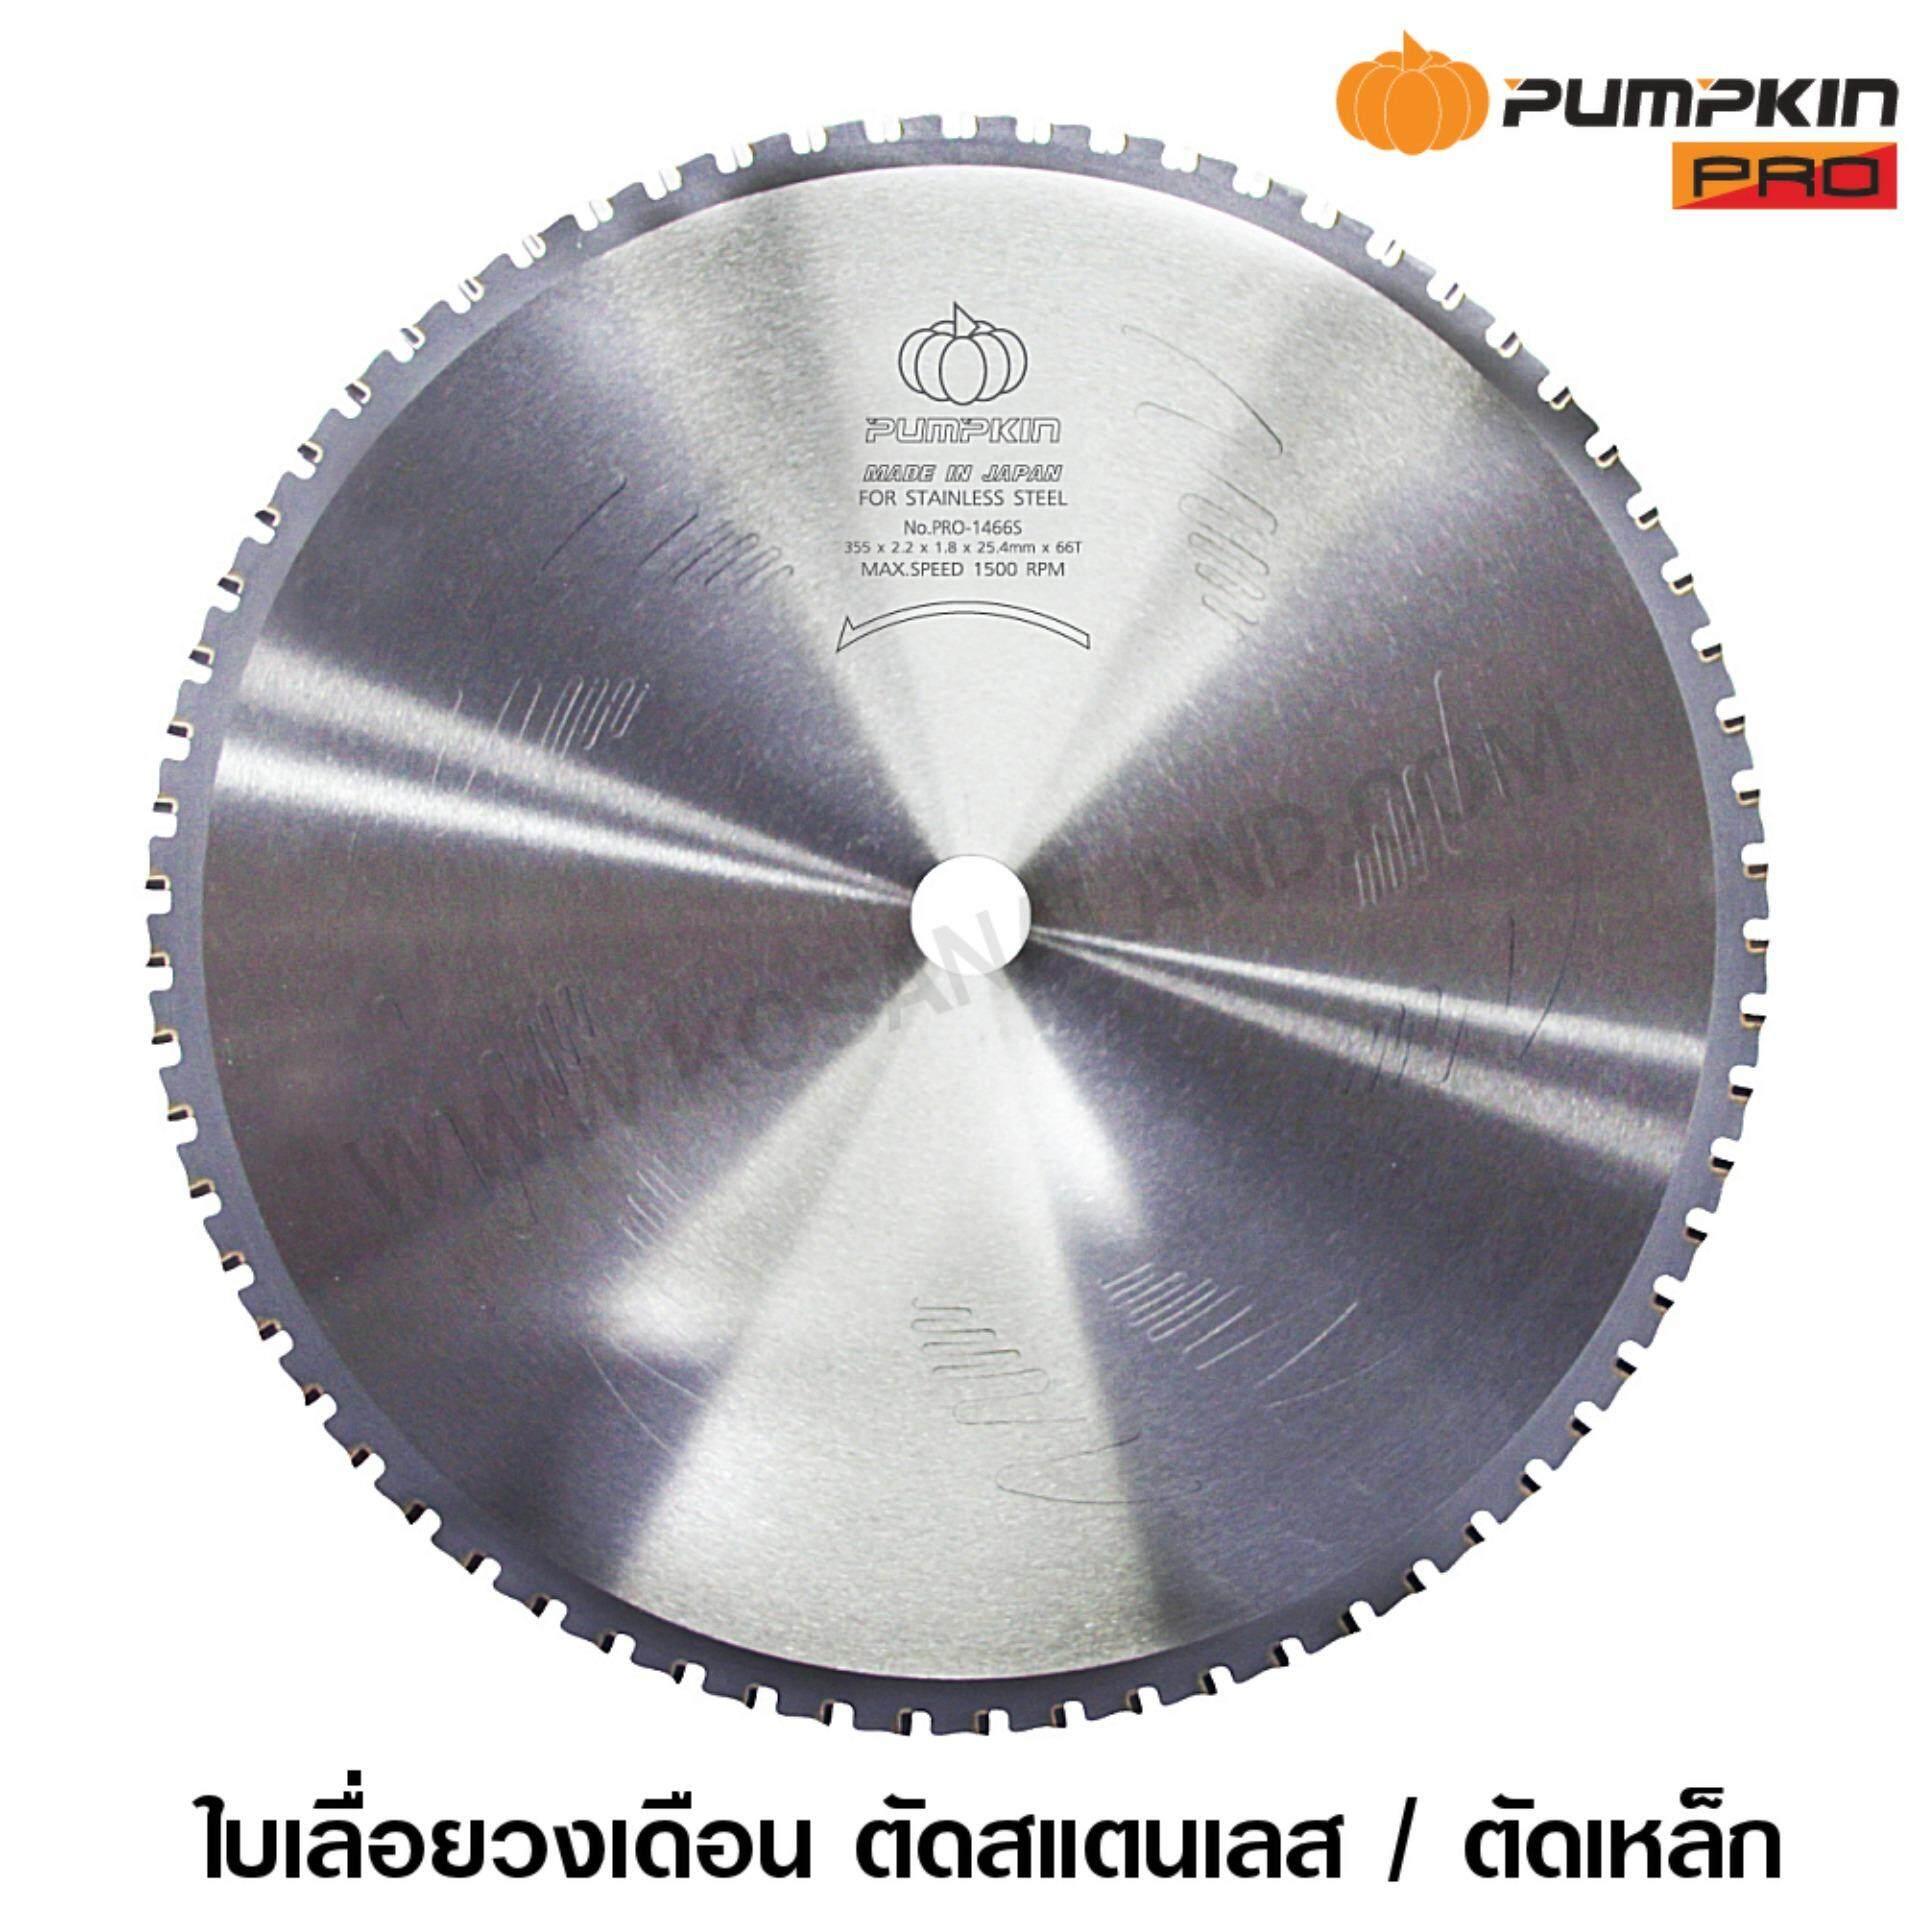 โปรโมชั่น Pumpkin Pro ใบเลื่อยวงเดือน ตัดเหล็ก / ตัดสแตนเลส 14 นิ้ว 66 ฟัน รุ่น PRO-1466S ( Circular Saw Blade - Metal and Stainless Cutting )